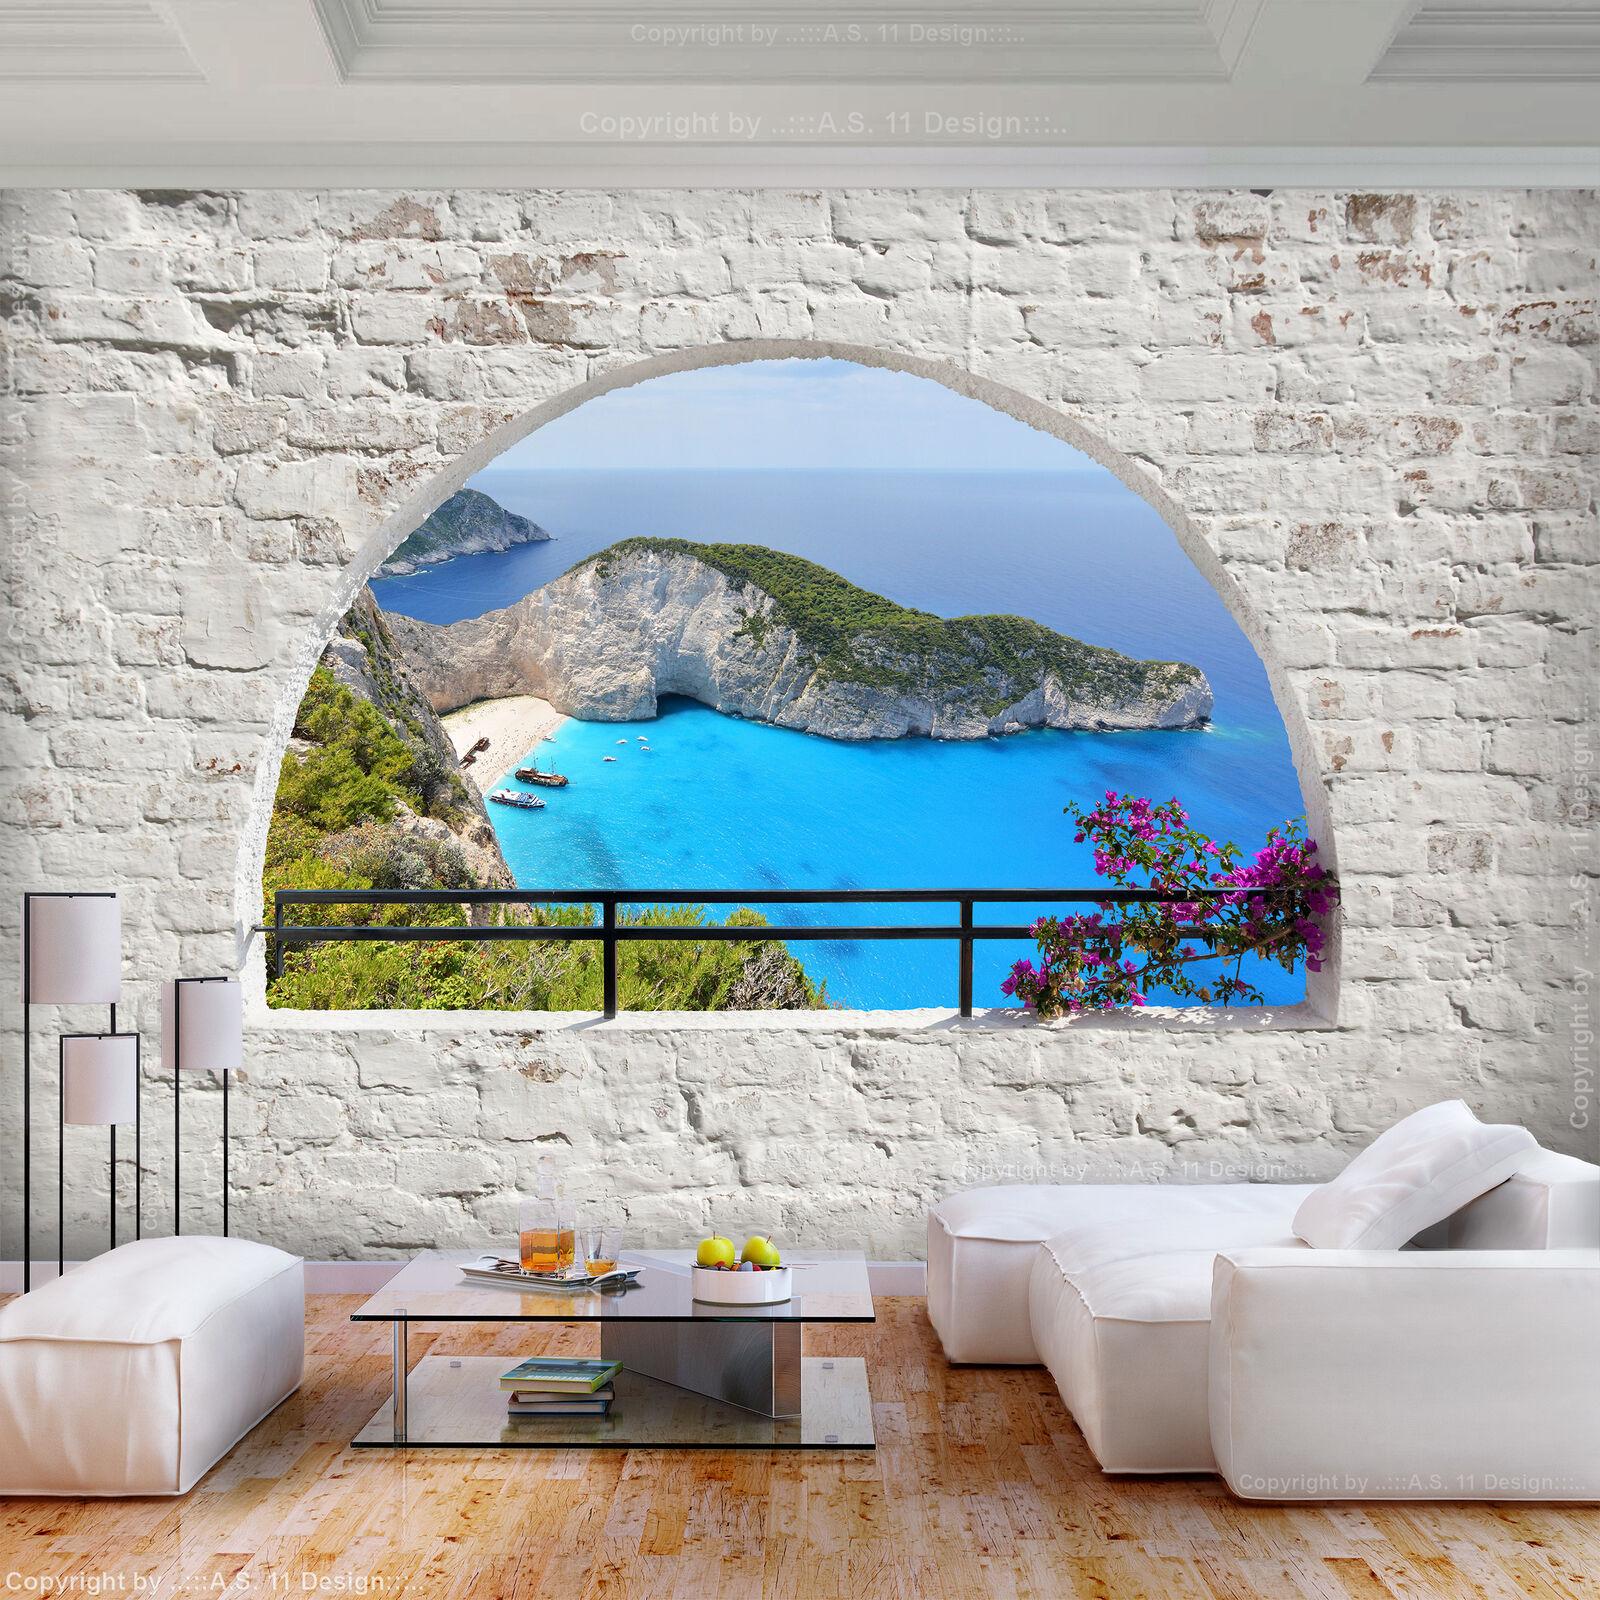 FOTOTAPETE selbstklebend Tapete Steinwand Strand Fenster Wandtapete Wohnzimmer